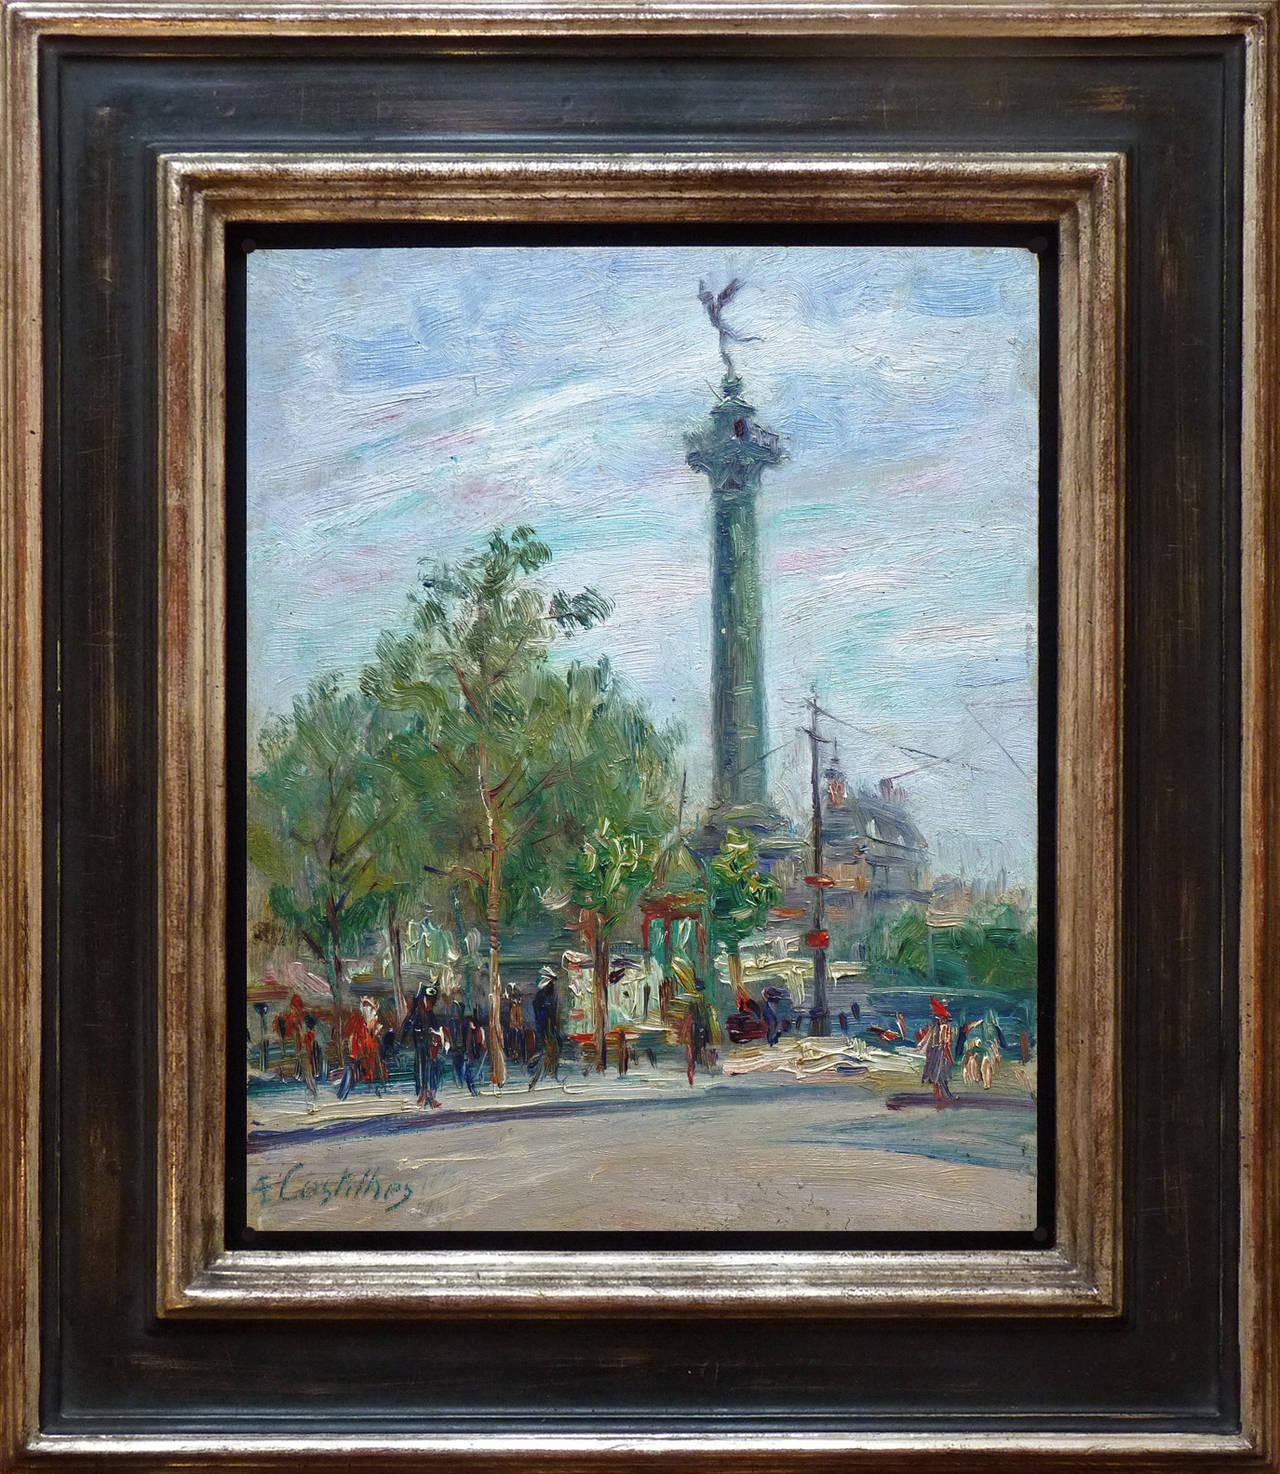 Place de la Bastille - Paris, by Costilhes, french Post-impressionst artist - Painting by André Eugène Costilhes